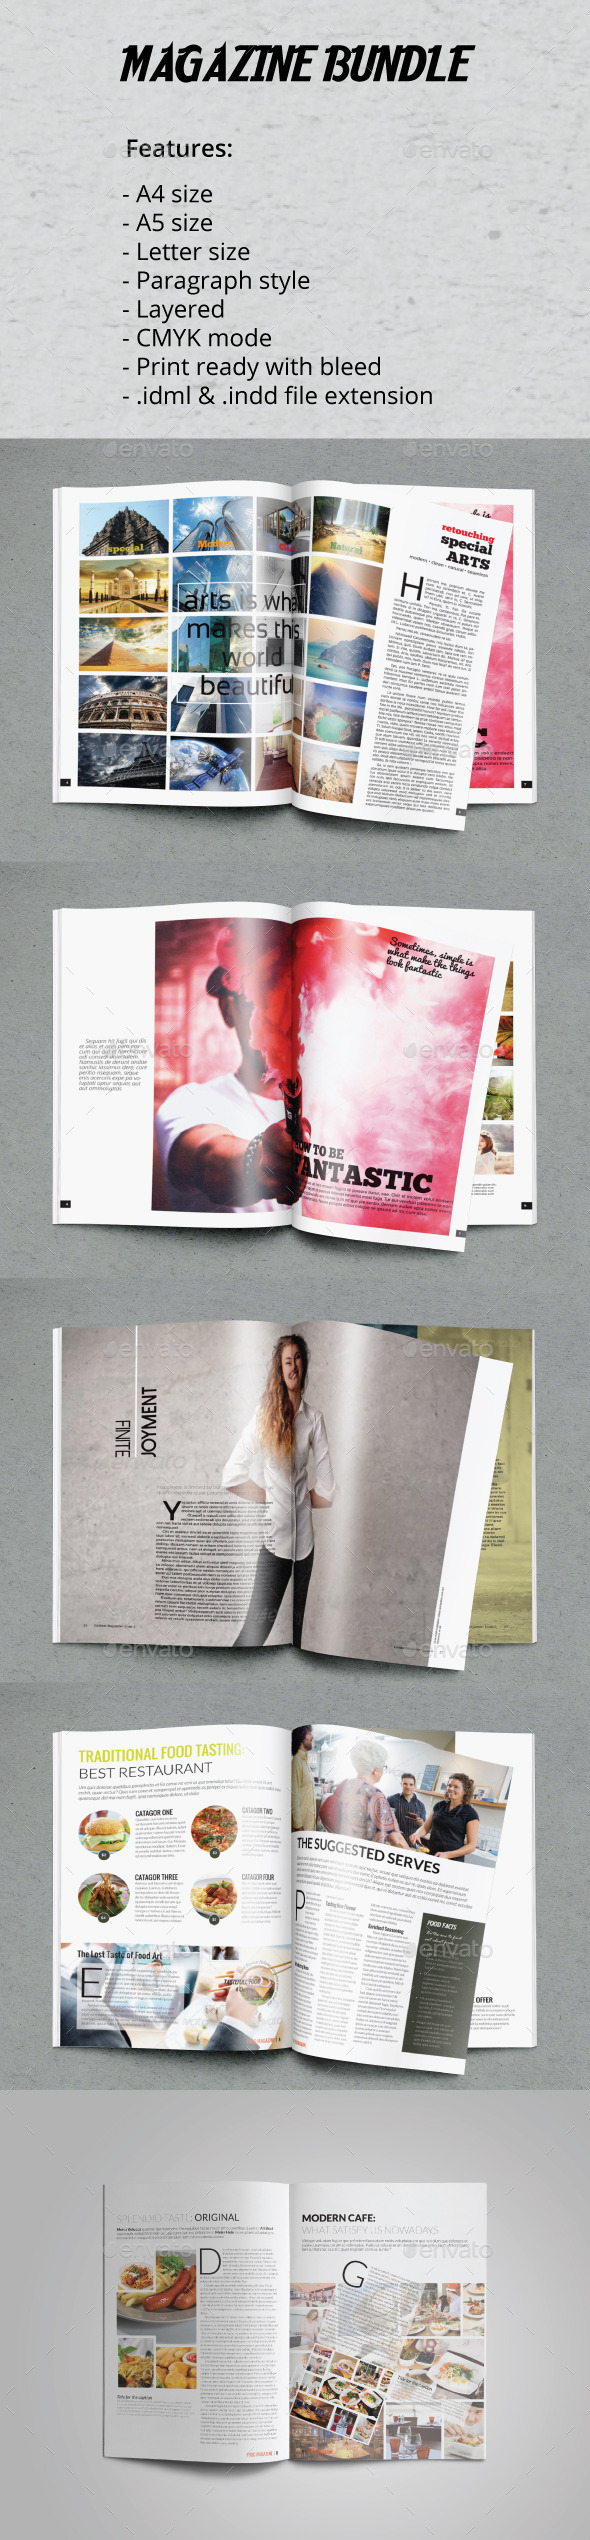 A4 A5 Letter Magazine Bundle Vol.2 - Magazines Print Templates